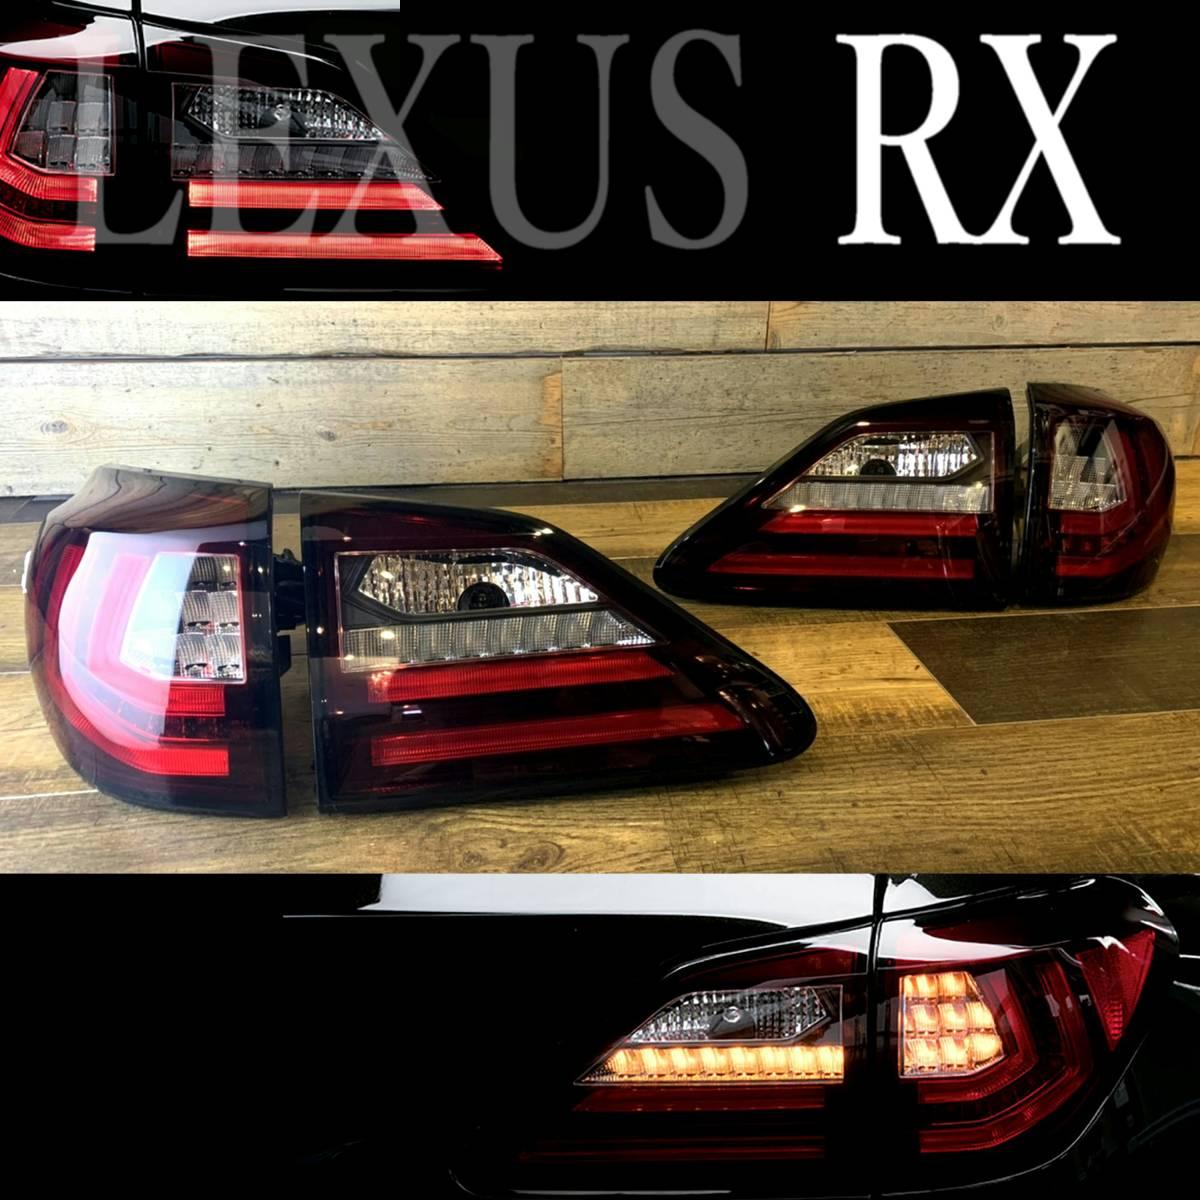 LEXUS RX 10系用 20系仕様 流れるウィンカー テール シーケンシャルウィンカー レクサス AGL10 GGL10 GGL15 GYL10 GYL15 GYL16 CONSERX_画像2